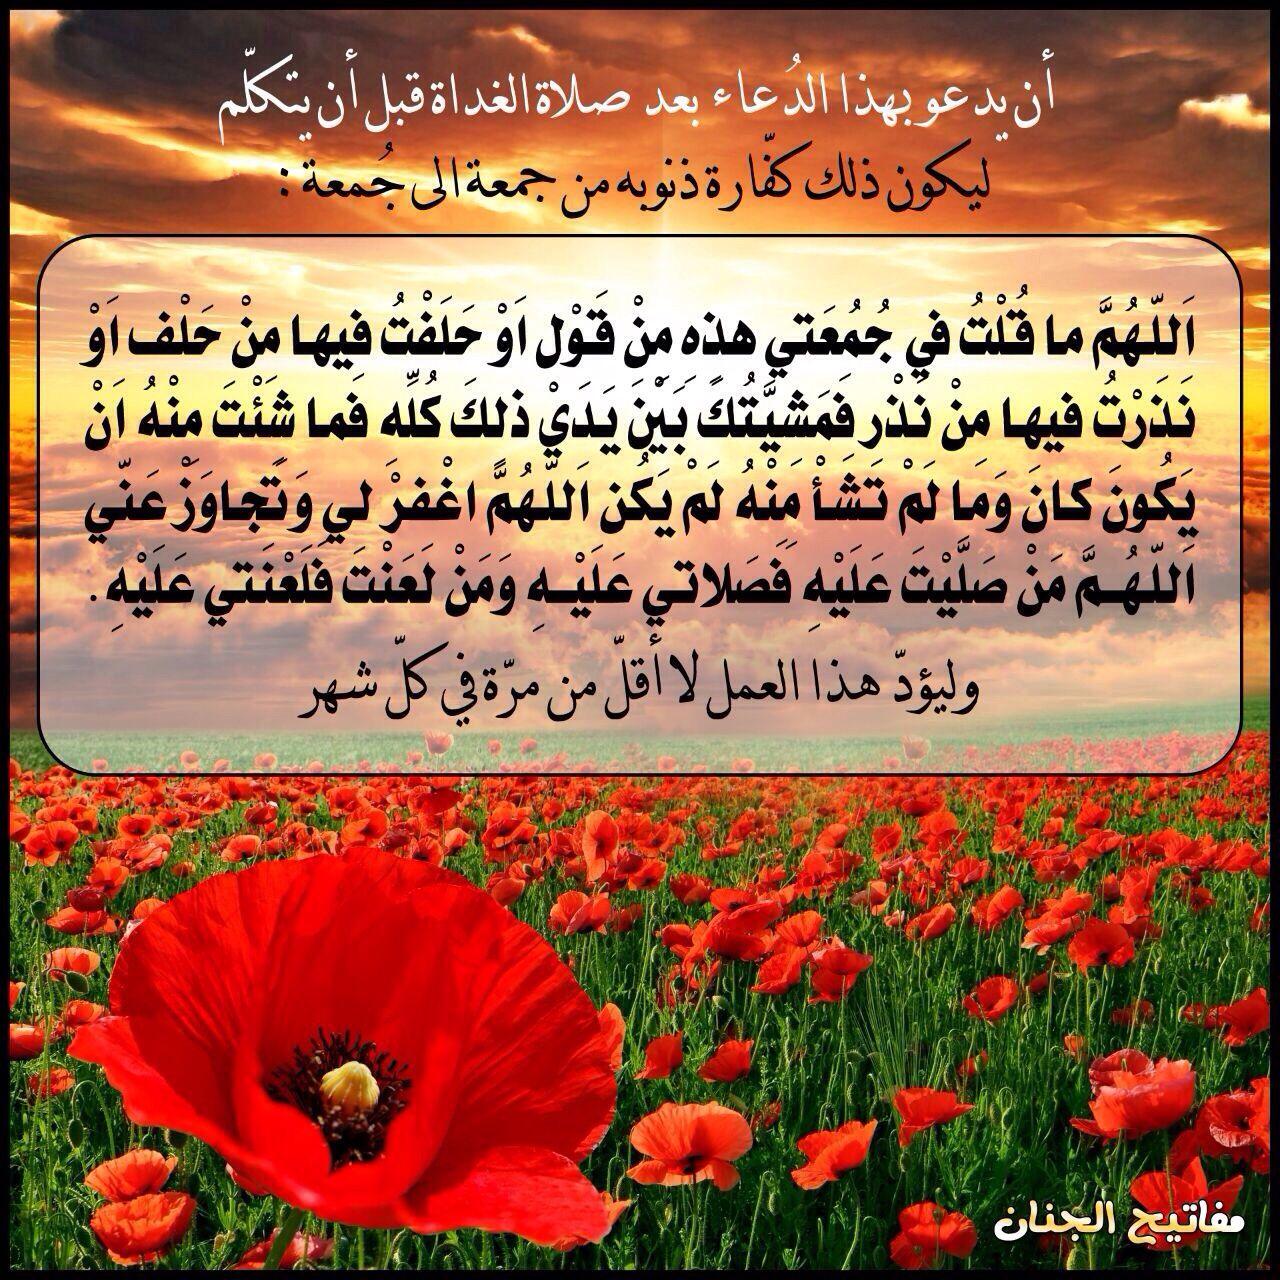 اللهم صل على محمد وآل محمد وعجل فرجهم Imam Ali Quotes Ali Quotes Imam Ali